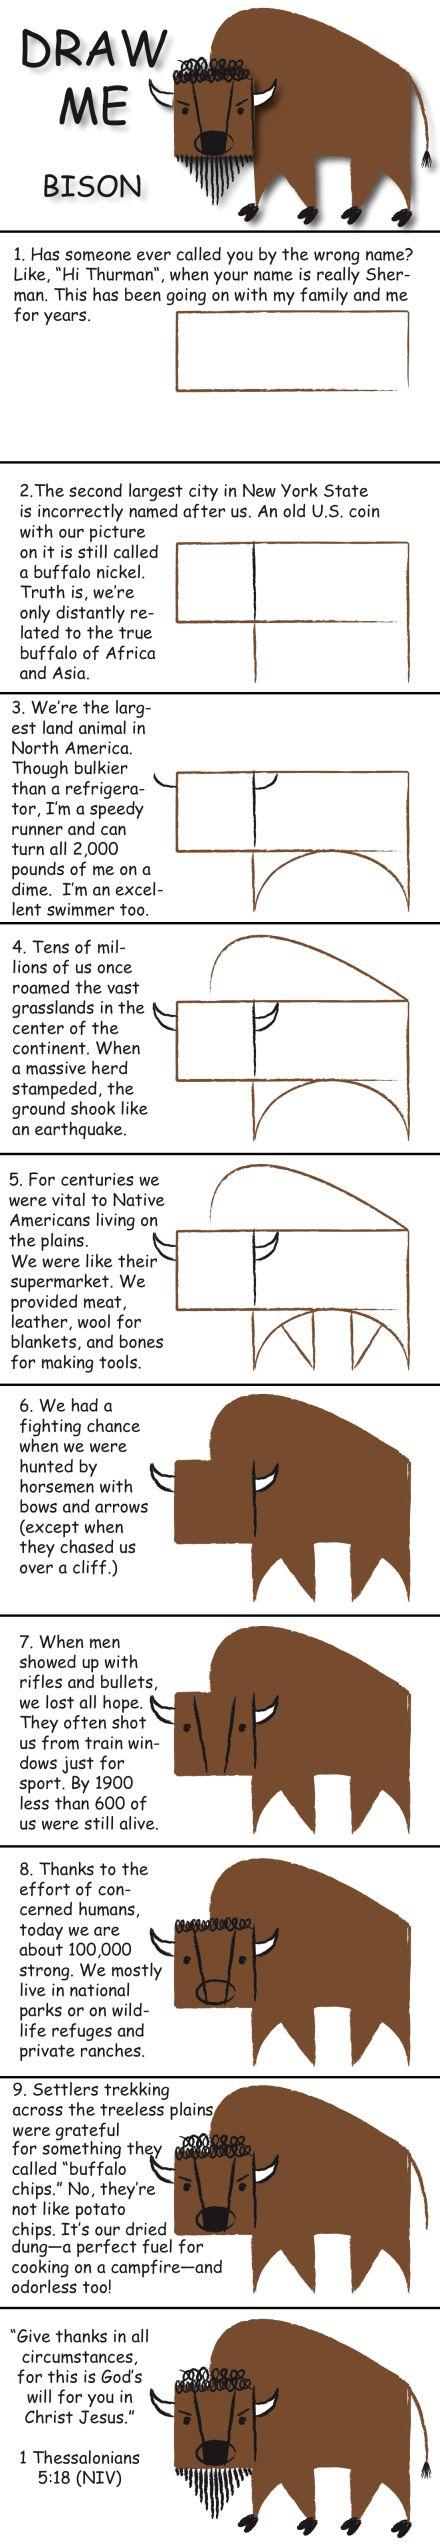 / bison